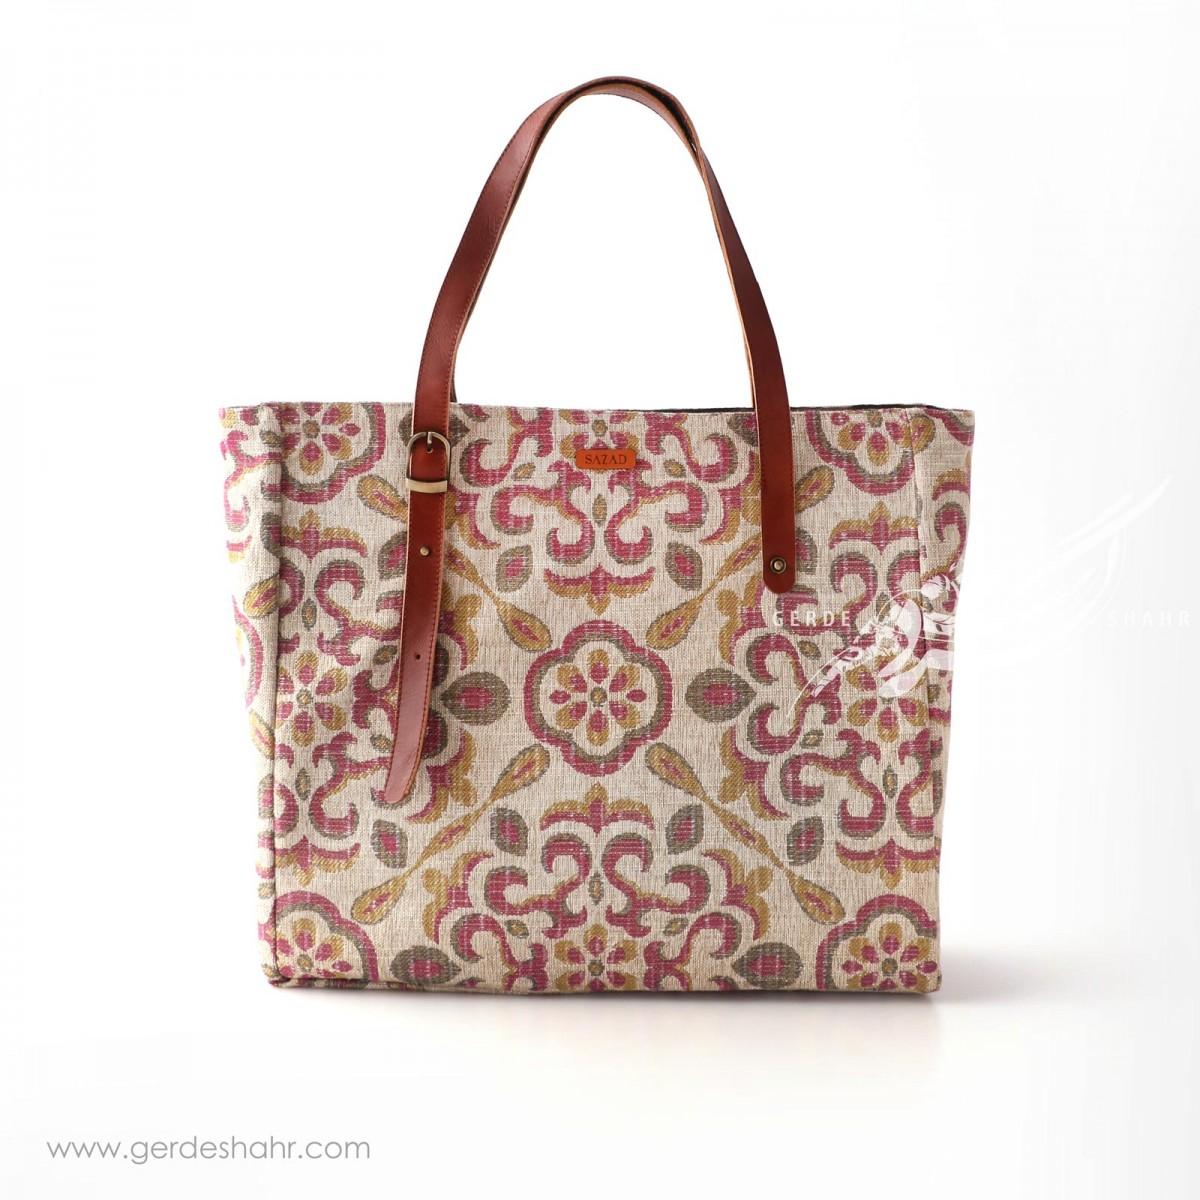 کیف گلبانگ سازاد گنجه رخت